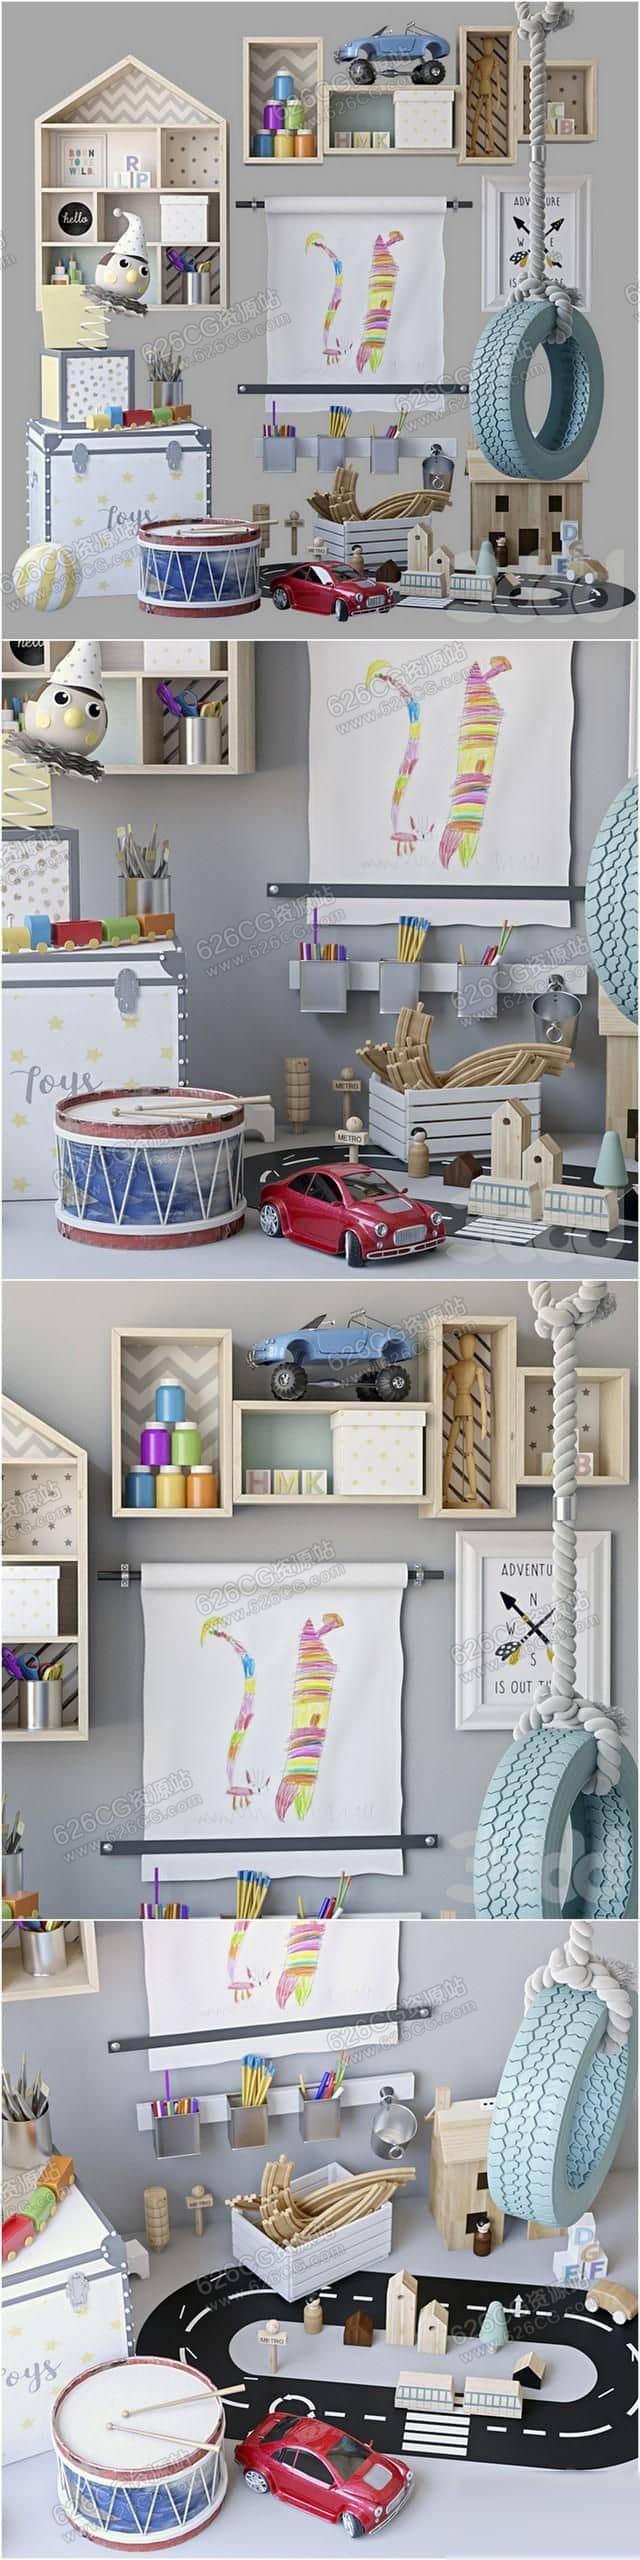 三维模型:儿童房装饰品玩具摆件挂画卡通饰品收纳柜轮胎摆件 626CG资源站